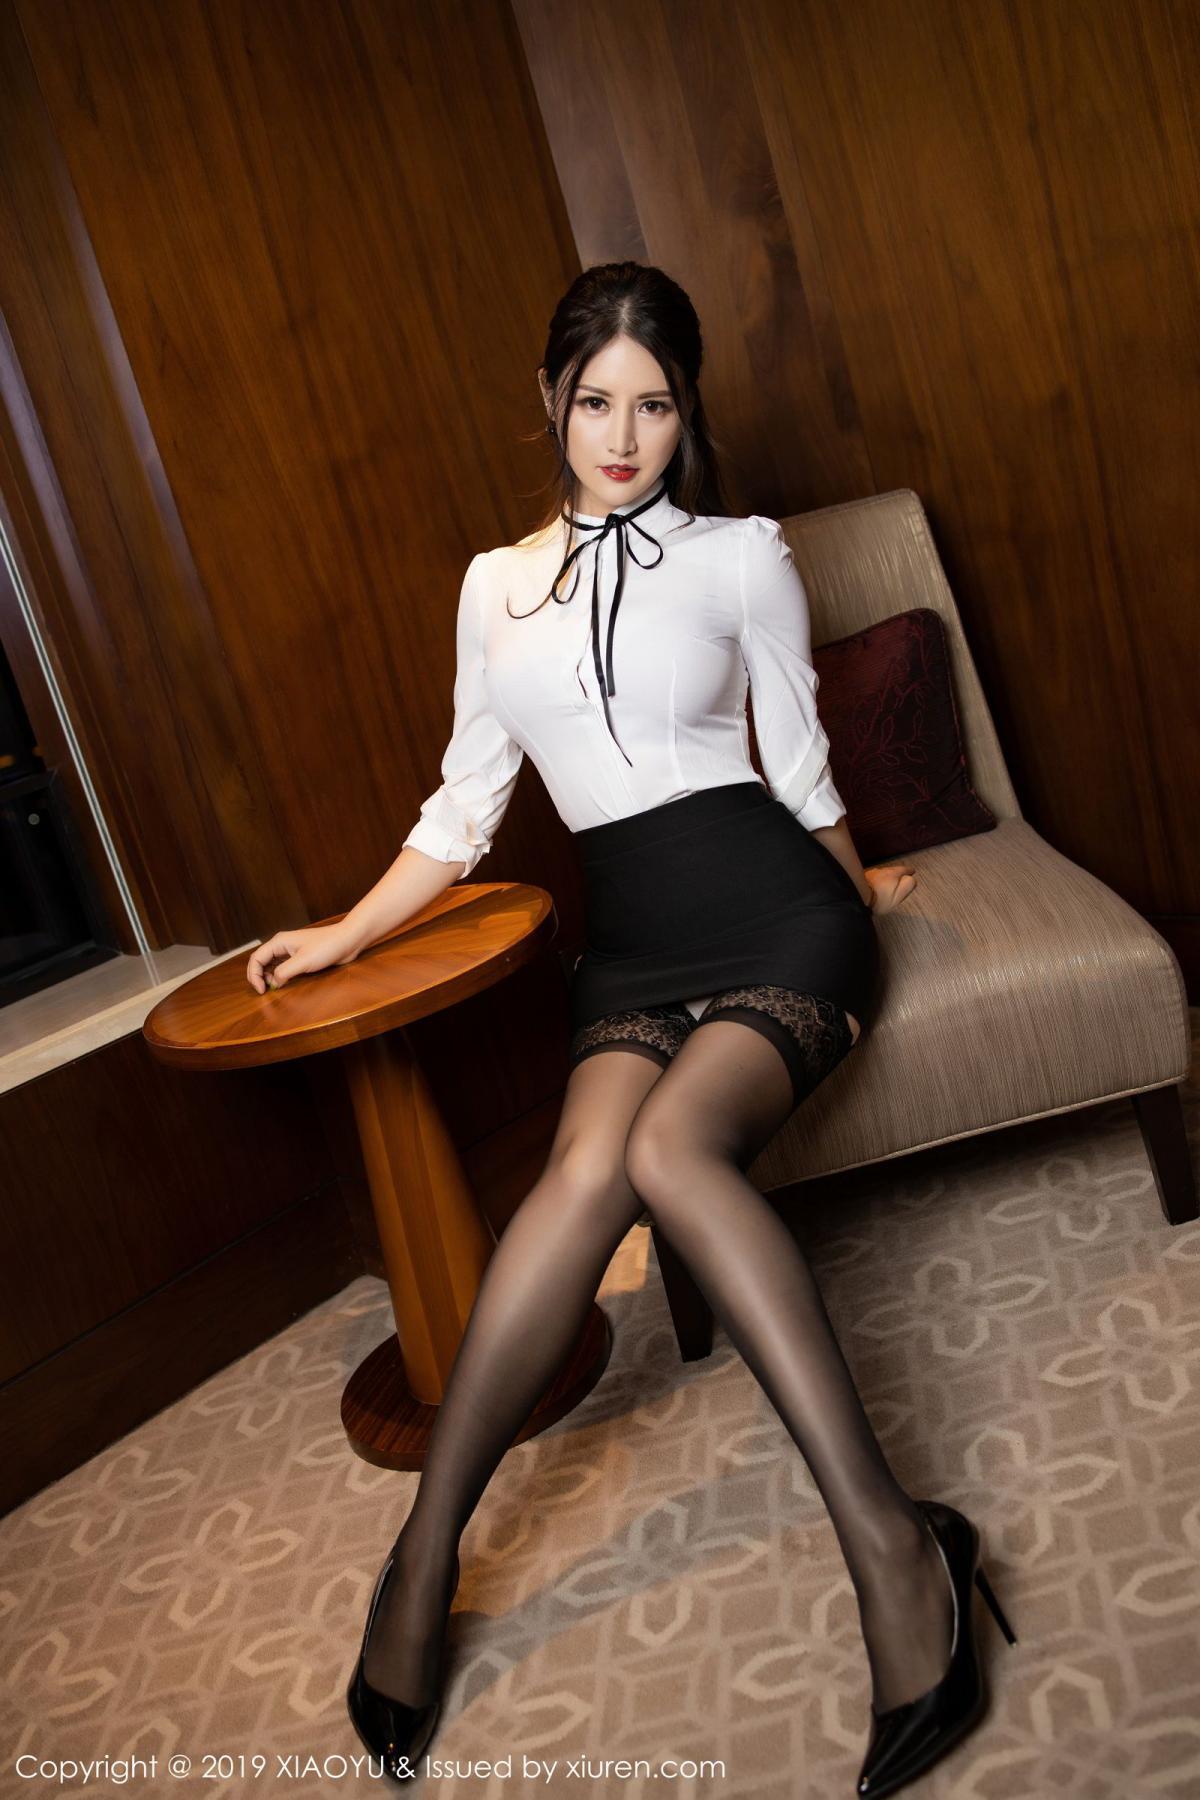 [XiaoYu] Vol.173 Chen Shi Shi 5P, Black Silk, Chen Shi Shi, Underwear, XiaoYu